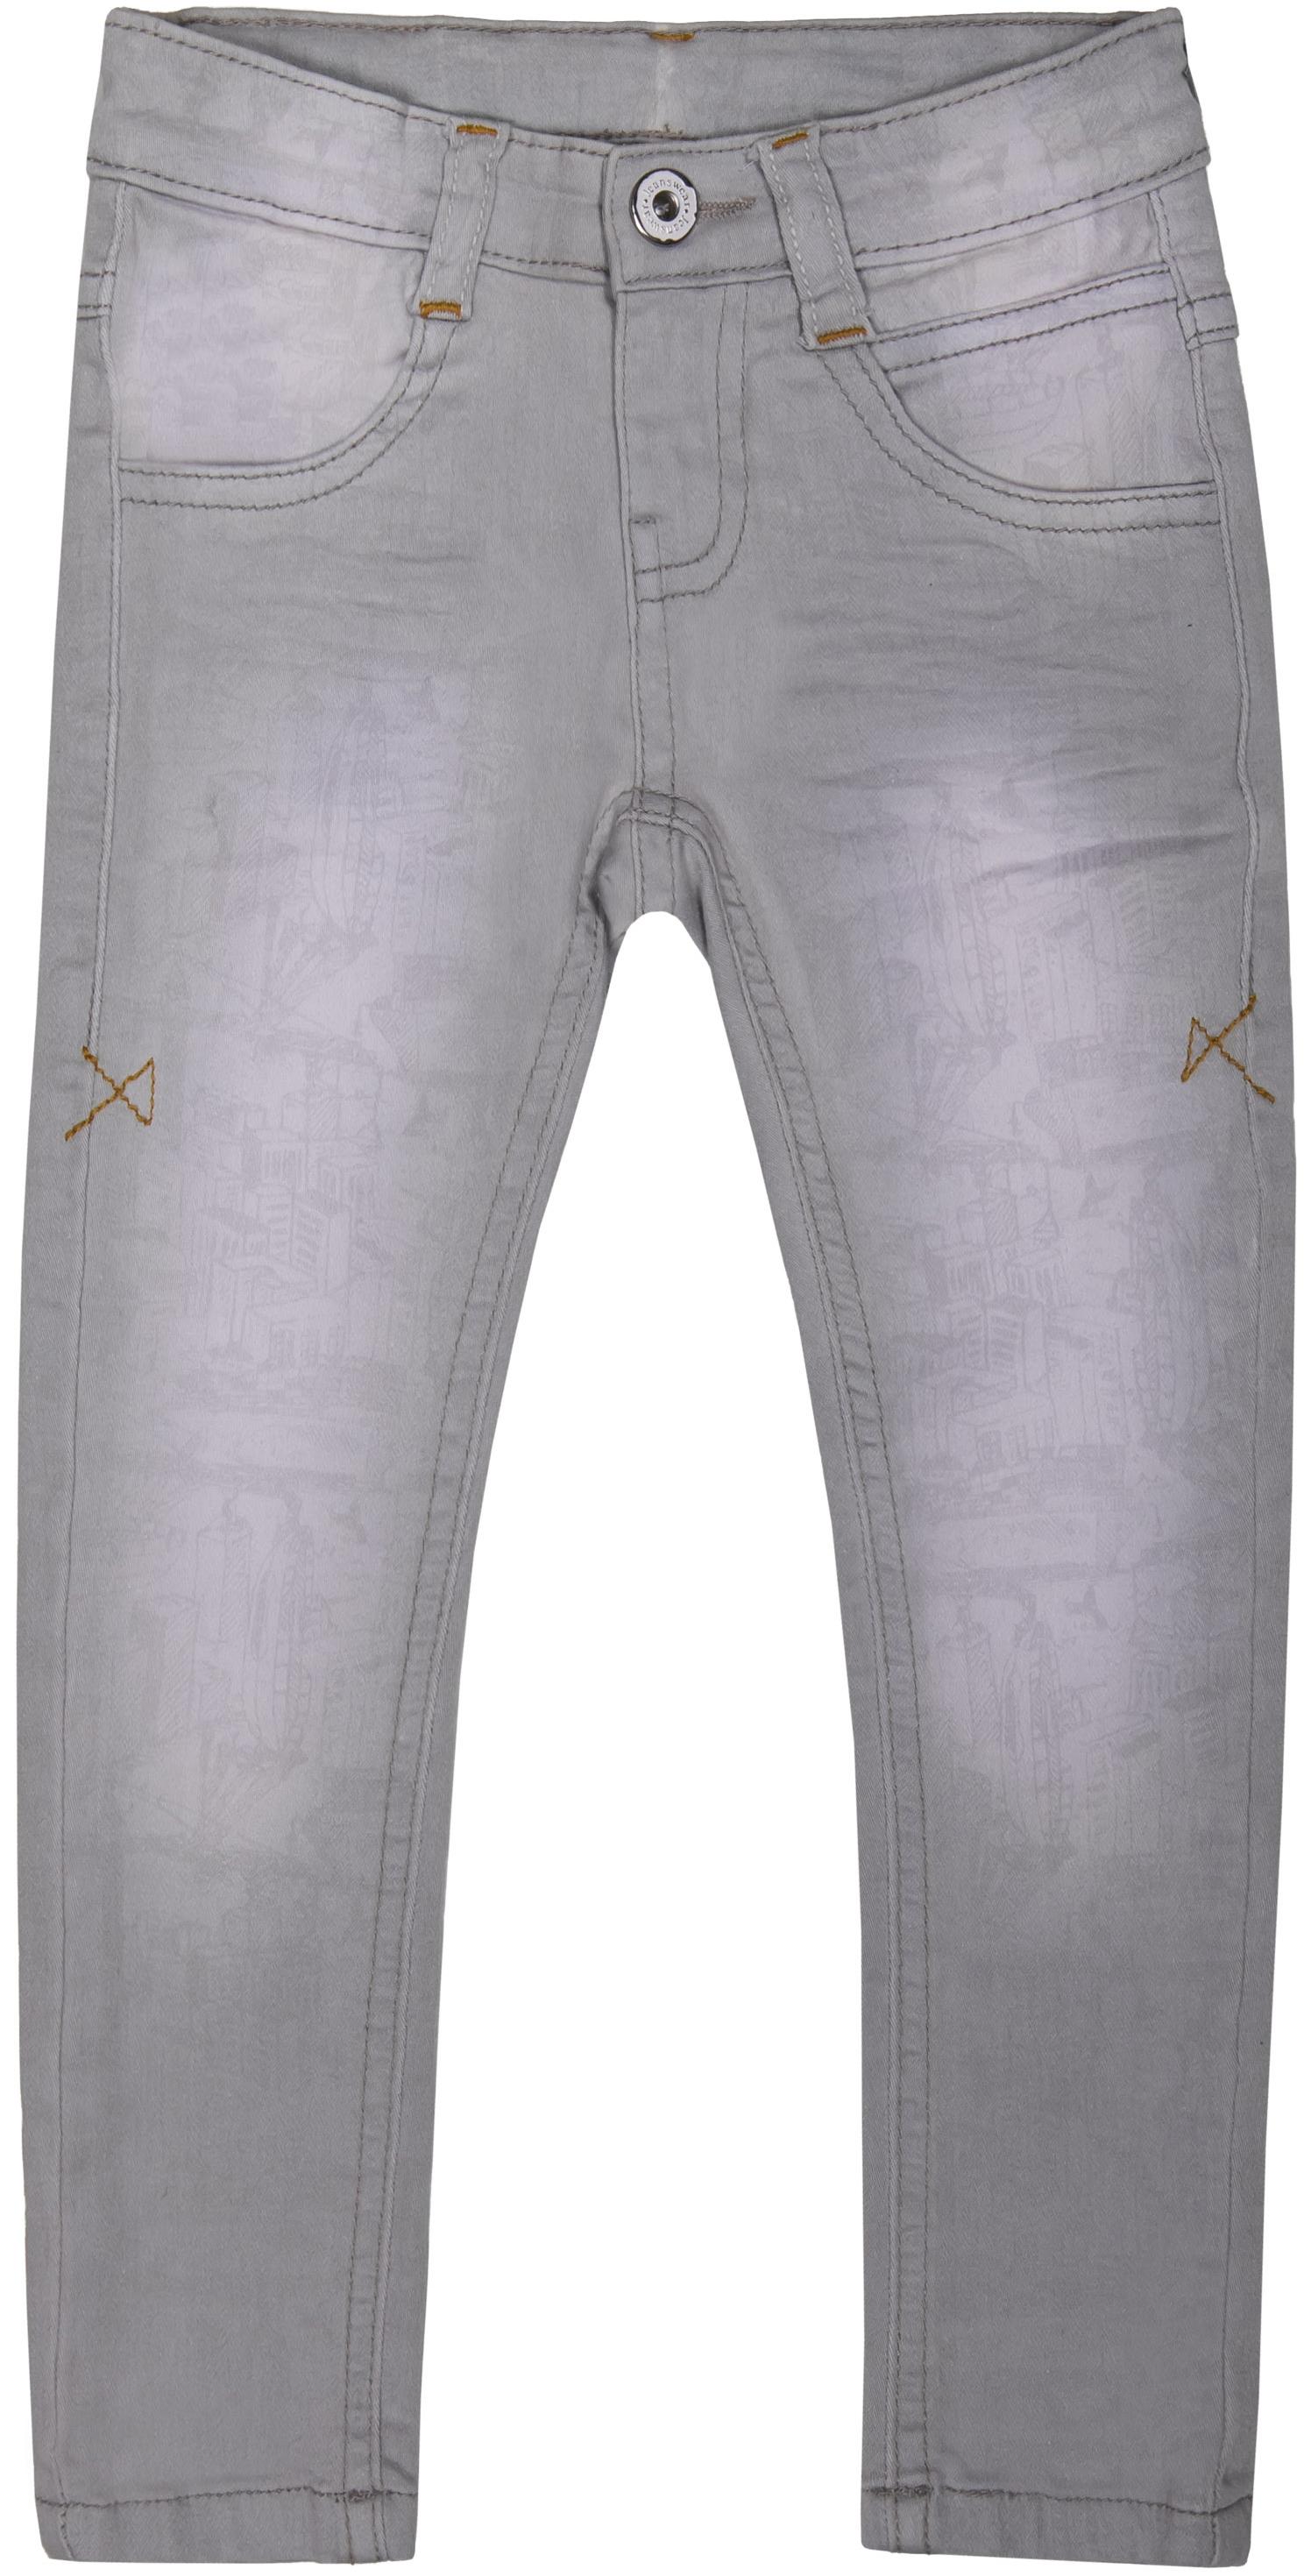 Джинсы Barkito Брюки модель Джинсы для девочки Barkito Оранжевое настроение, серые брюки джинсы и штанишки s'cool брюки для девочки hip hop 174059